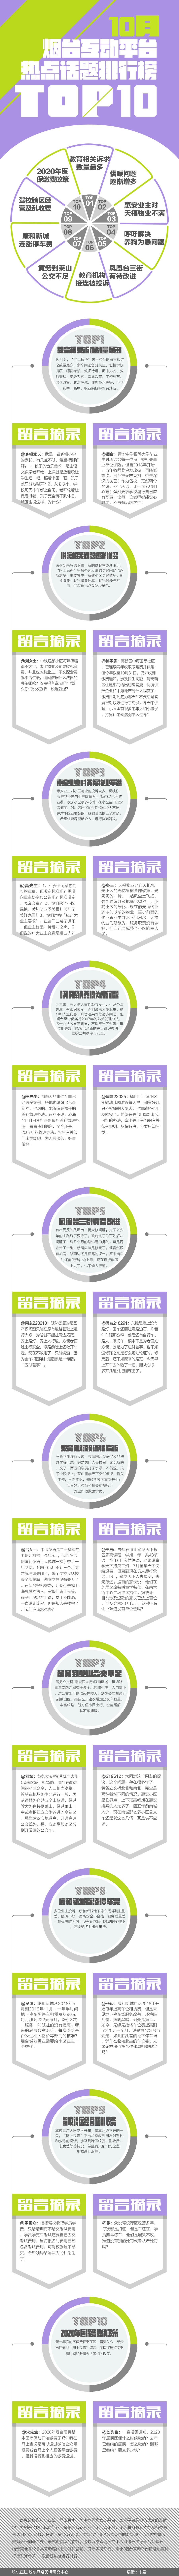 10月烟台互动平台话题热点排行榜top10